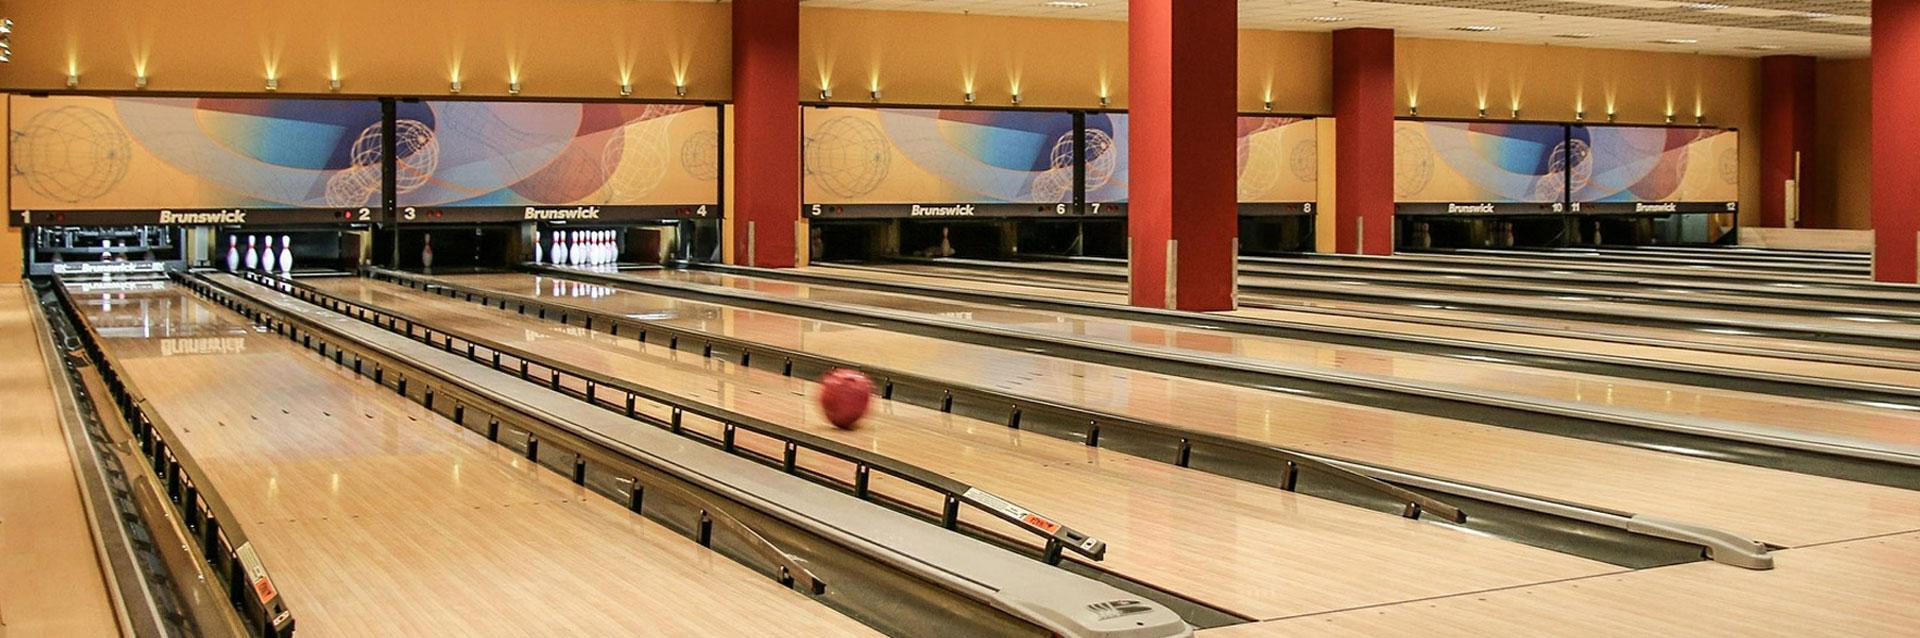 Comment Faire Pour Ouvrir Un Bowling 30 idées actuelles pour opérer un salon de quilles